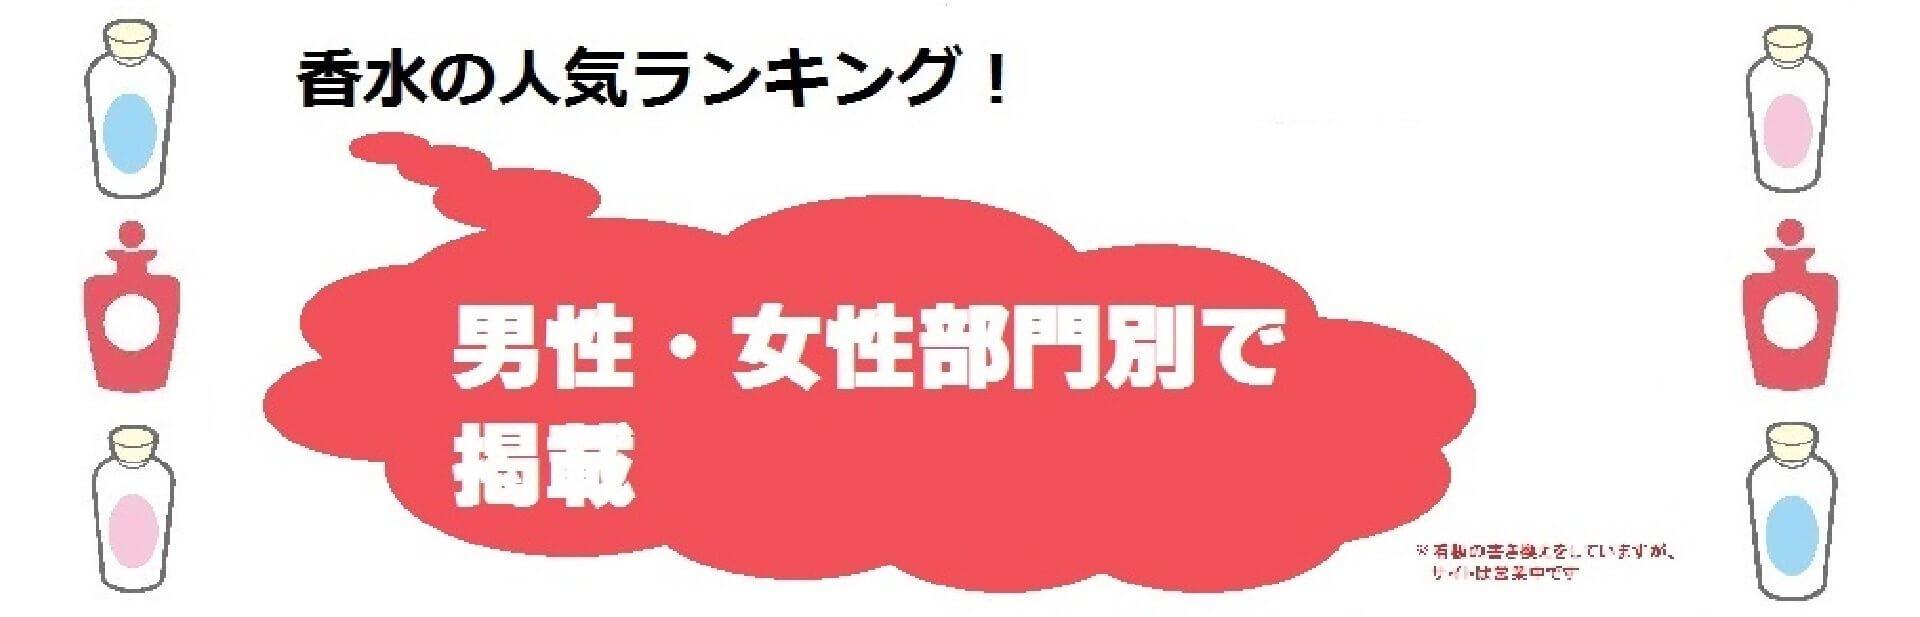 香水.comのサブページ・ヘッダー画像